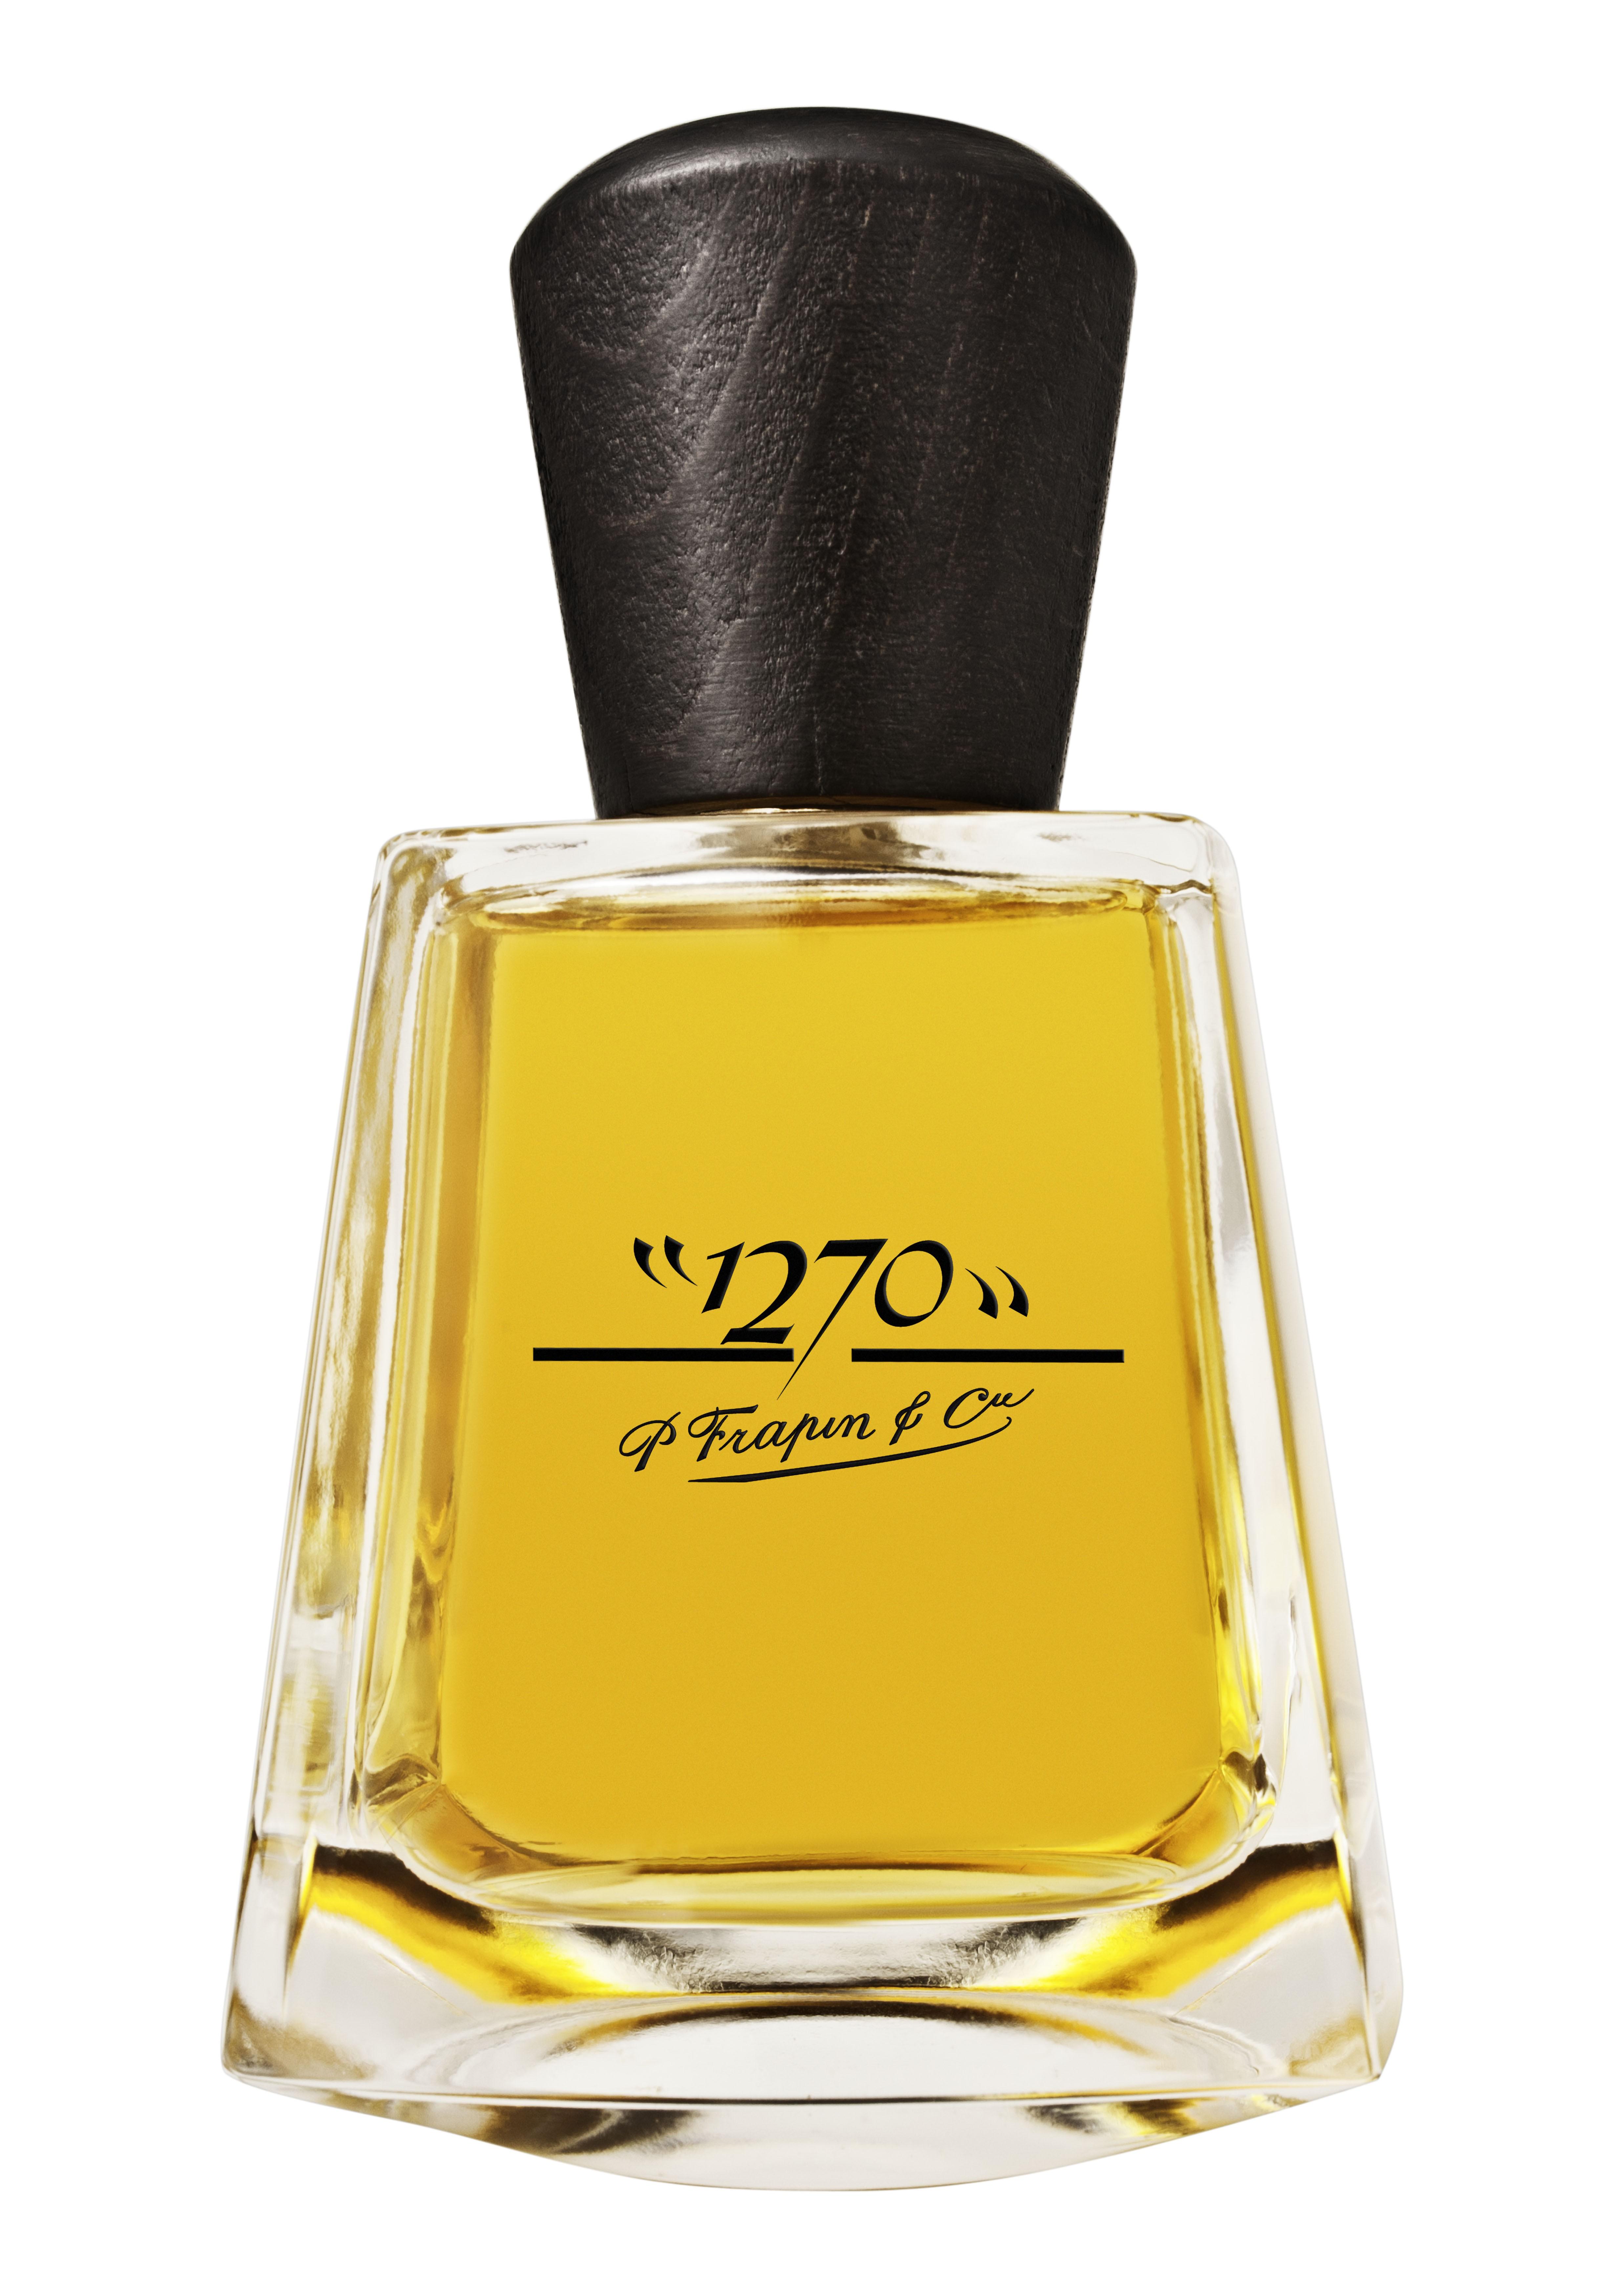 P.Frapin & Cie 1270 аромат для мужчин и женщин